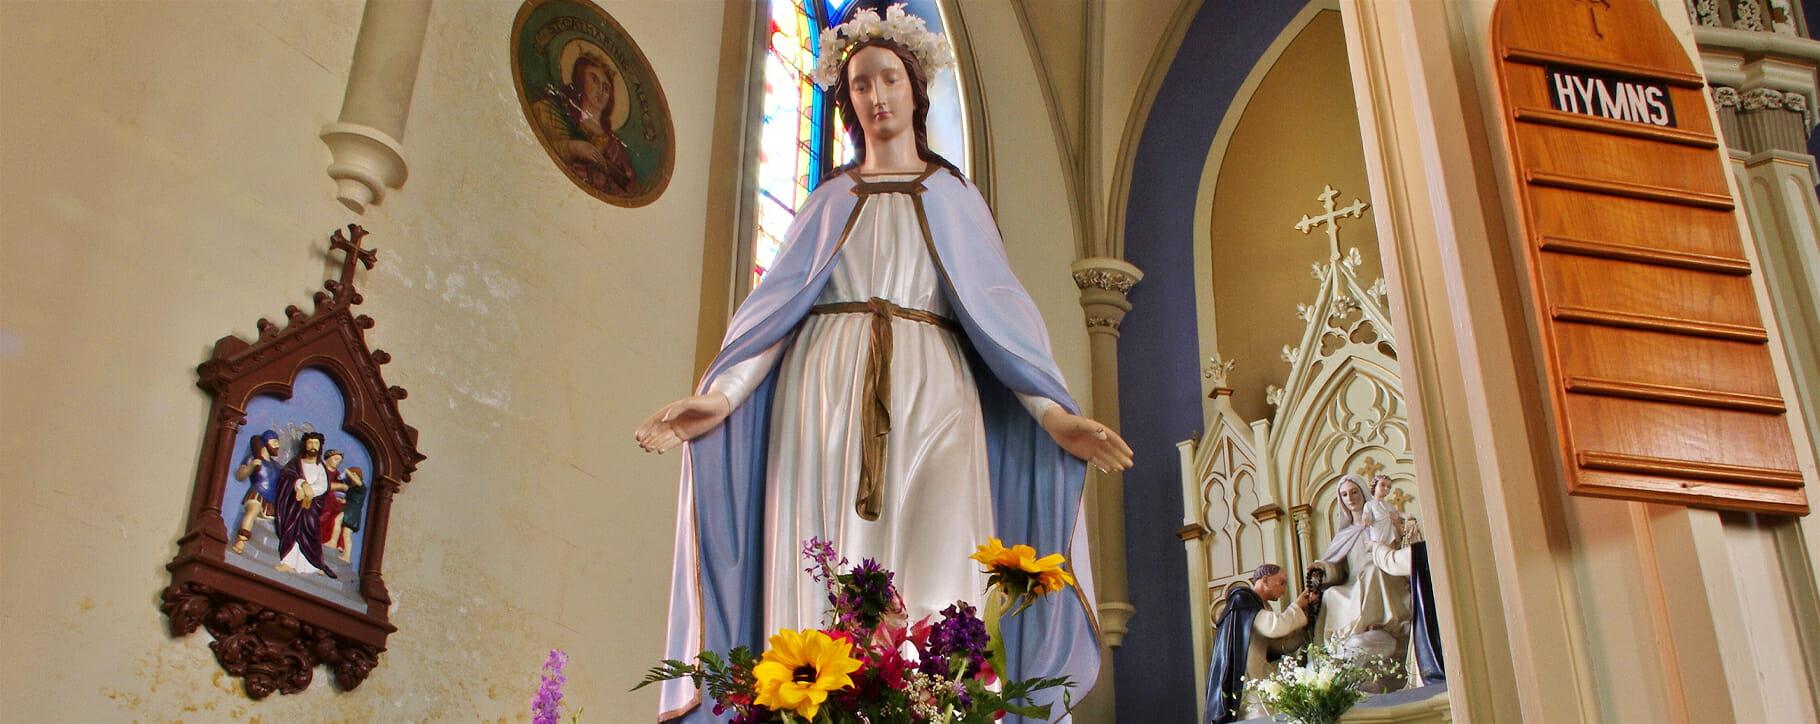 Church Interior Statue